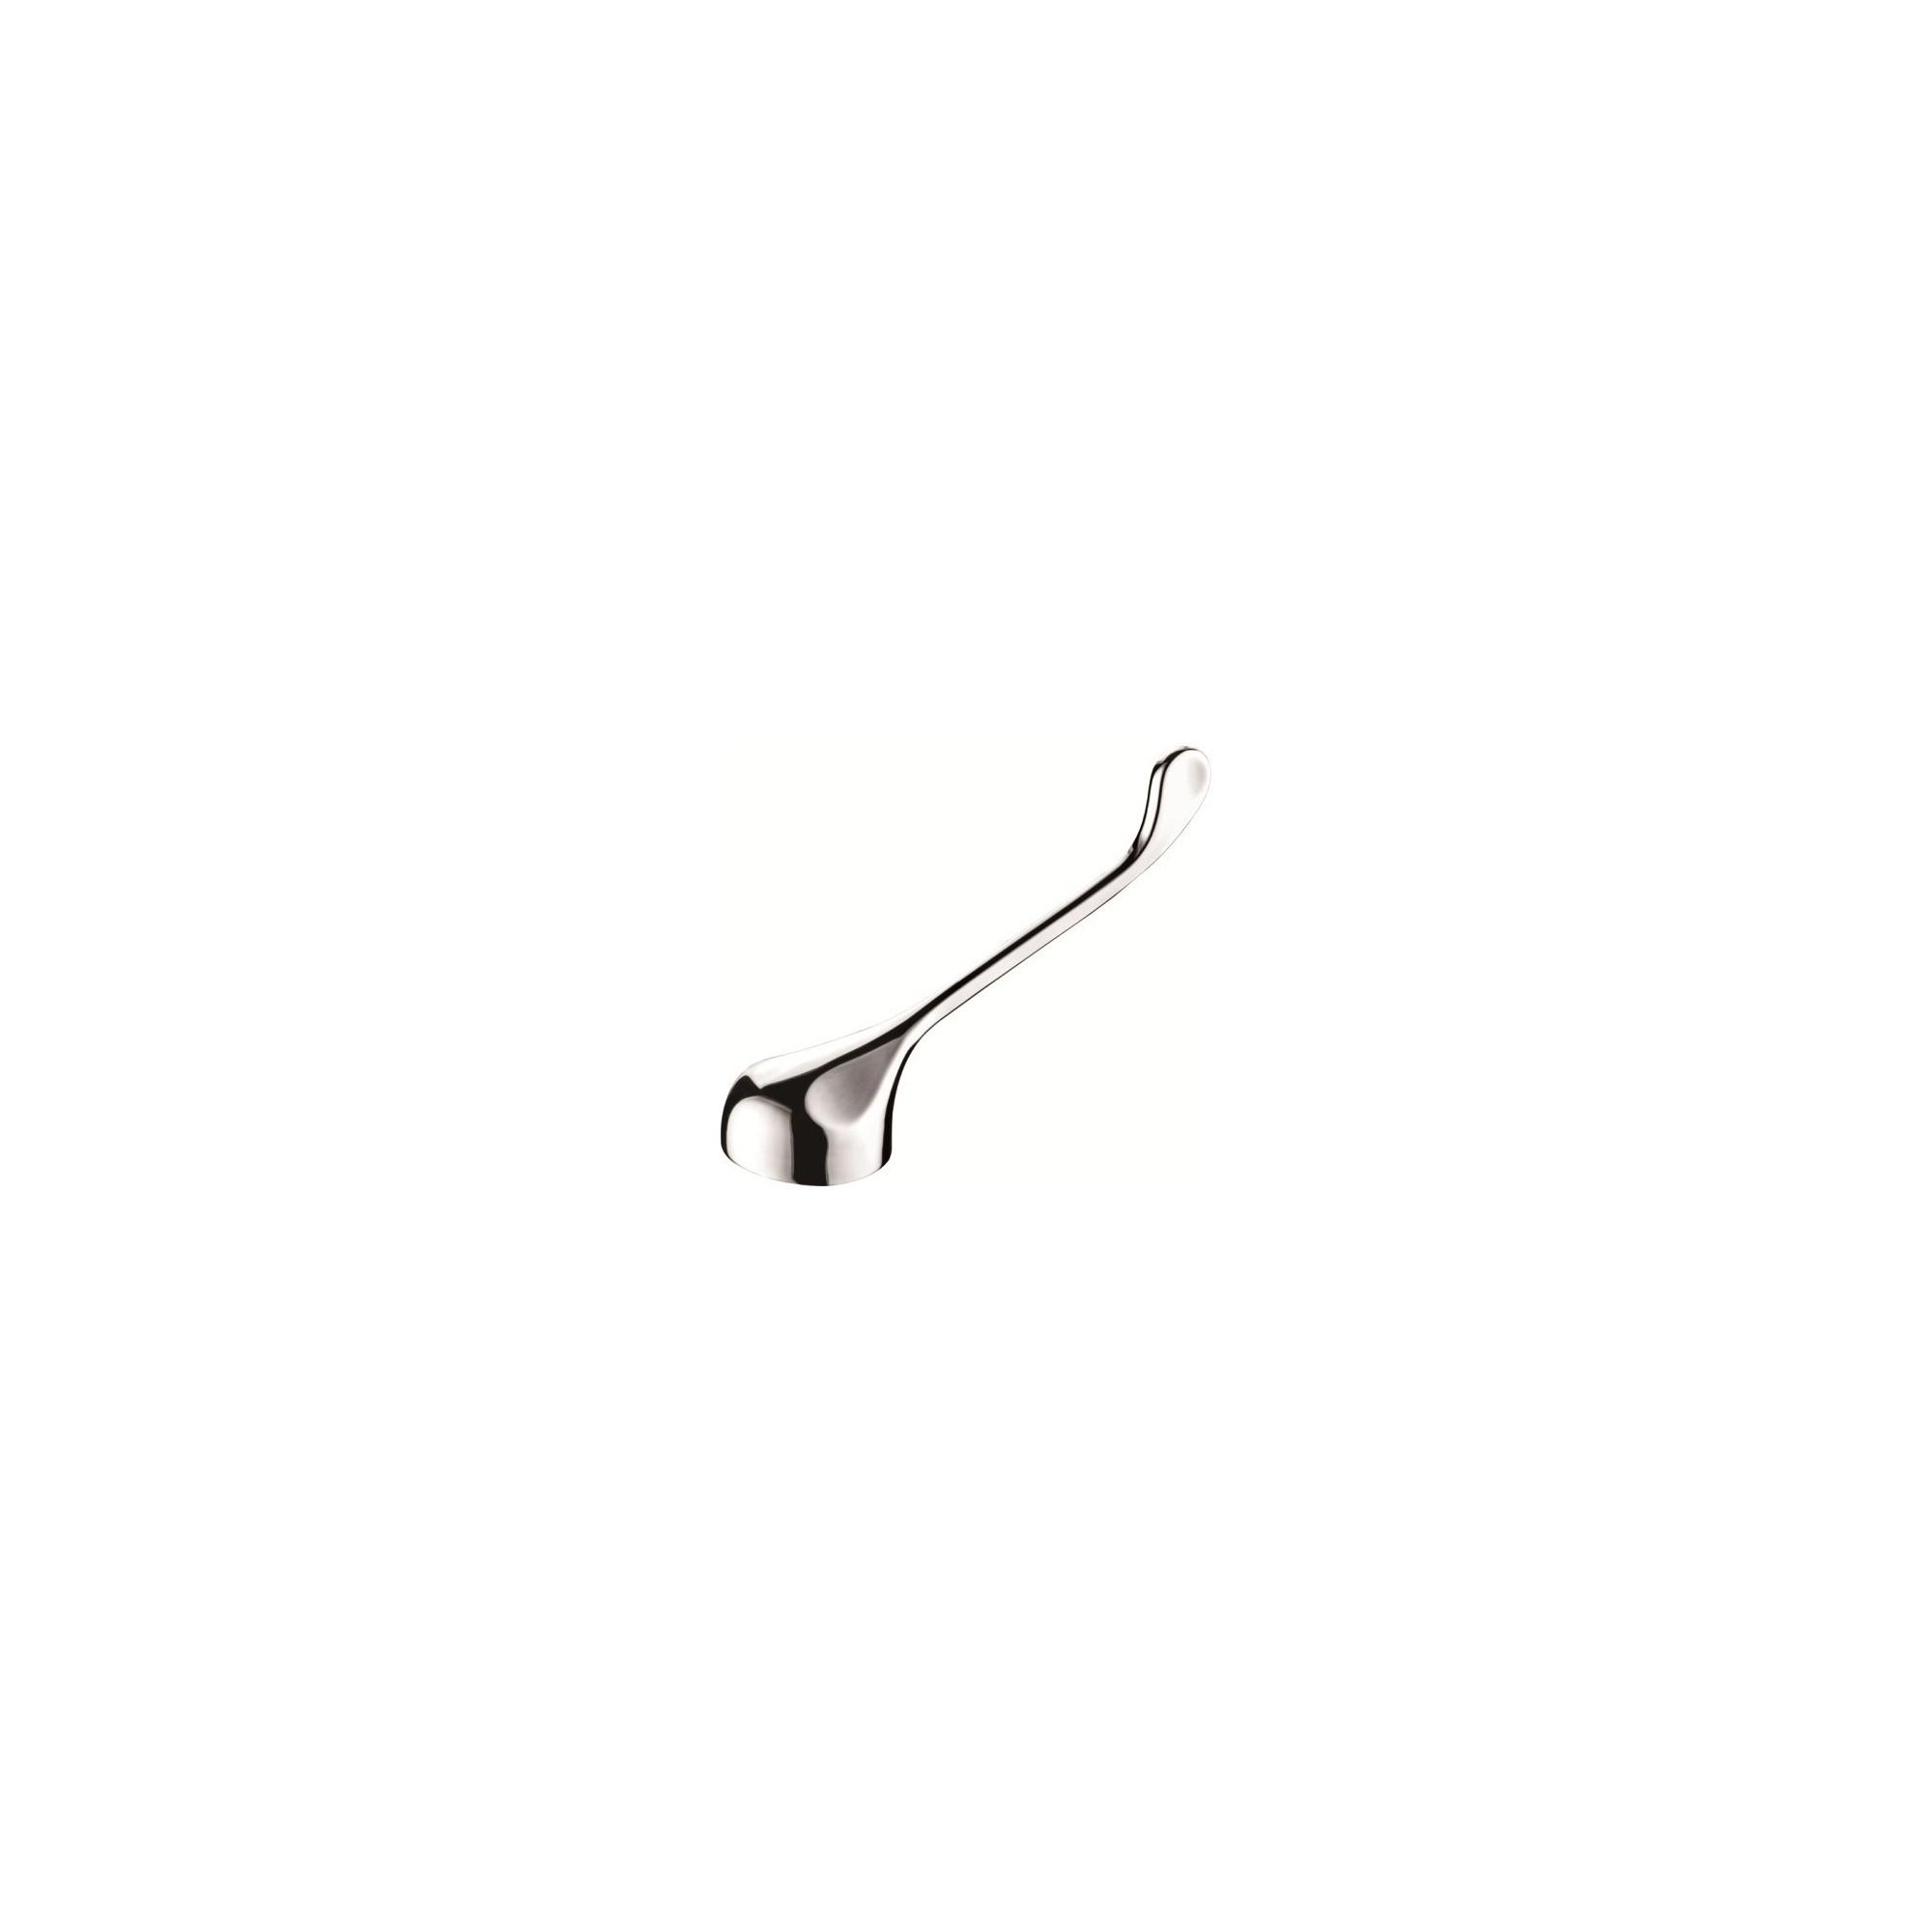 Ручка на смеситель ANGO Хирург ANGO - 1